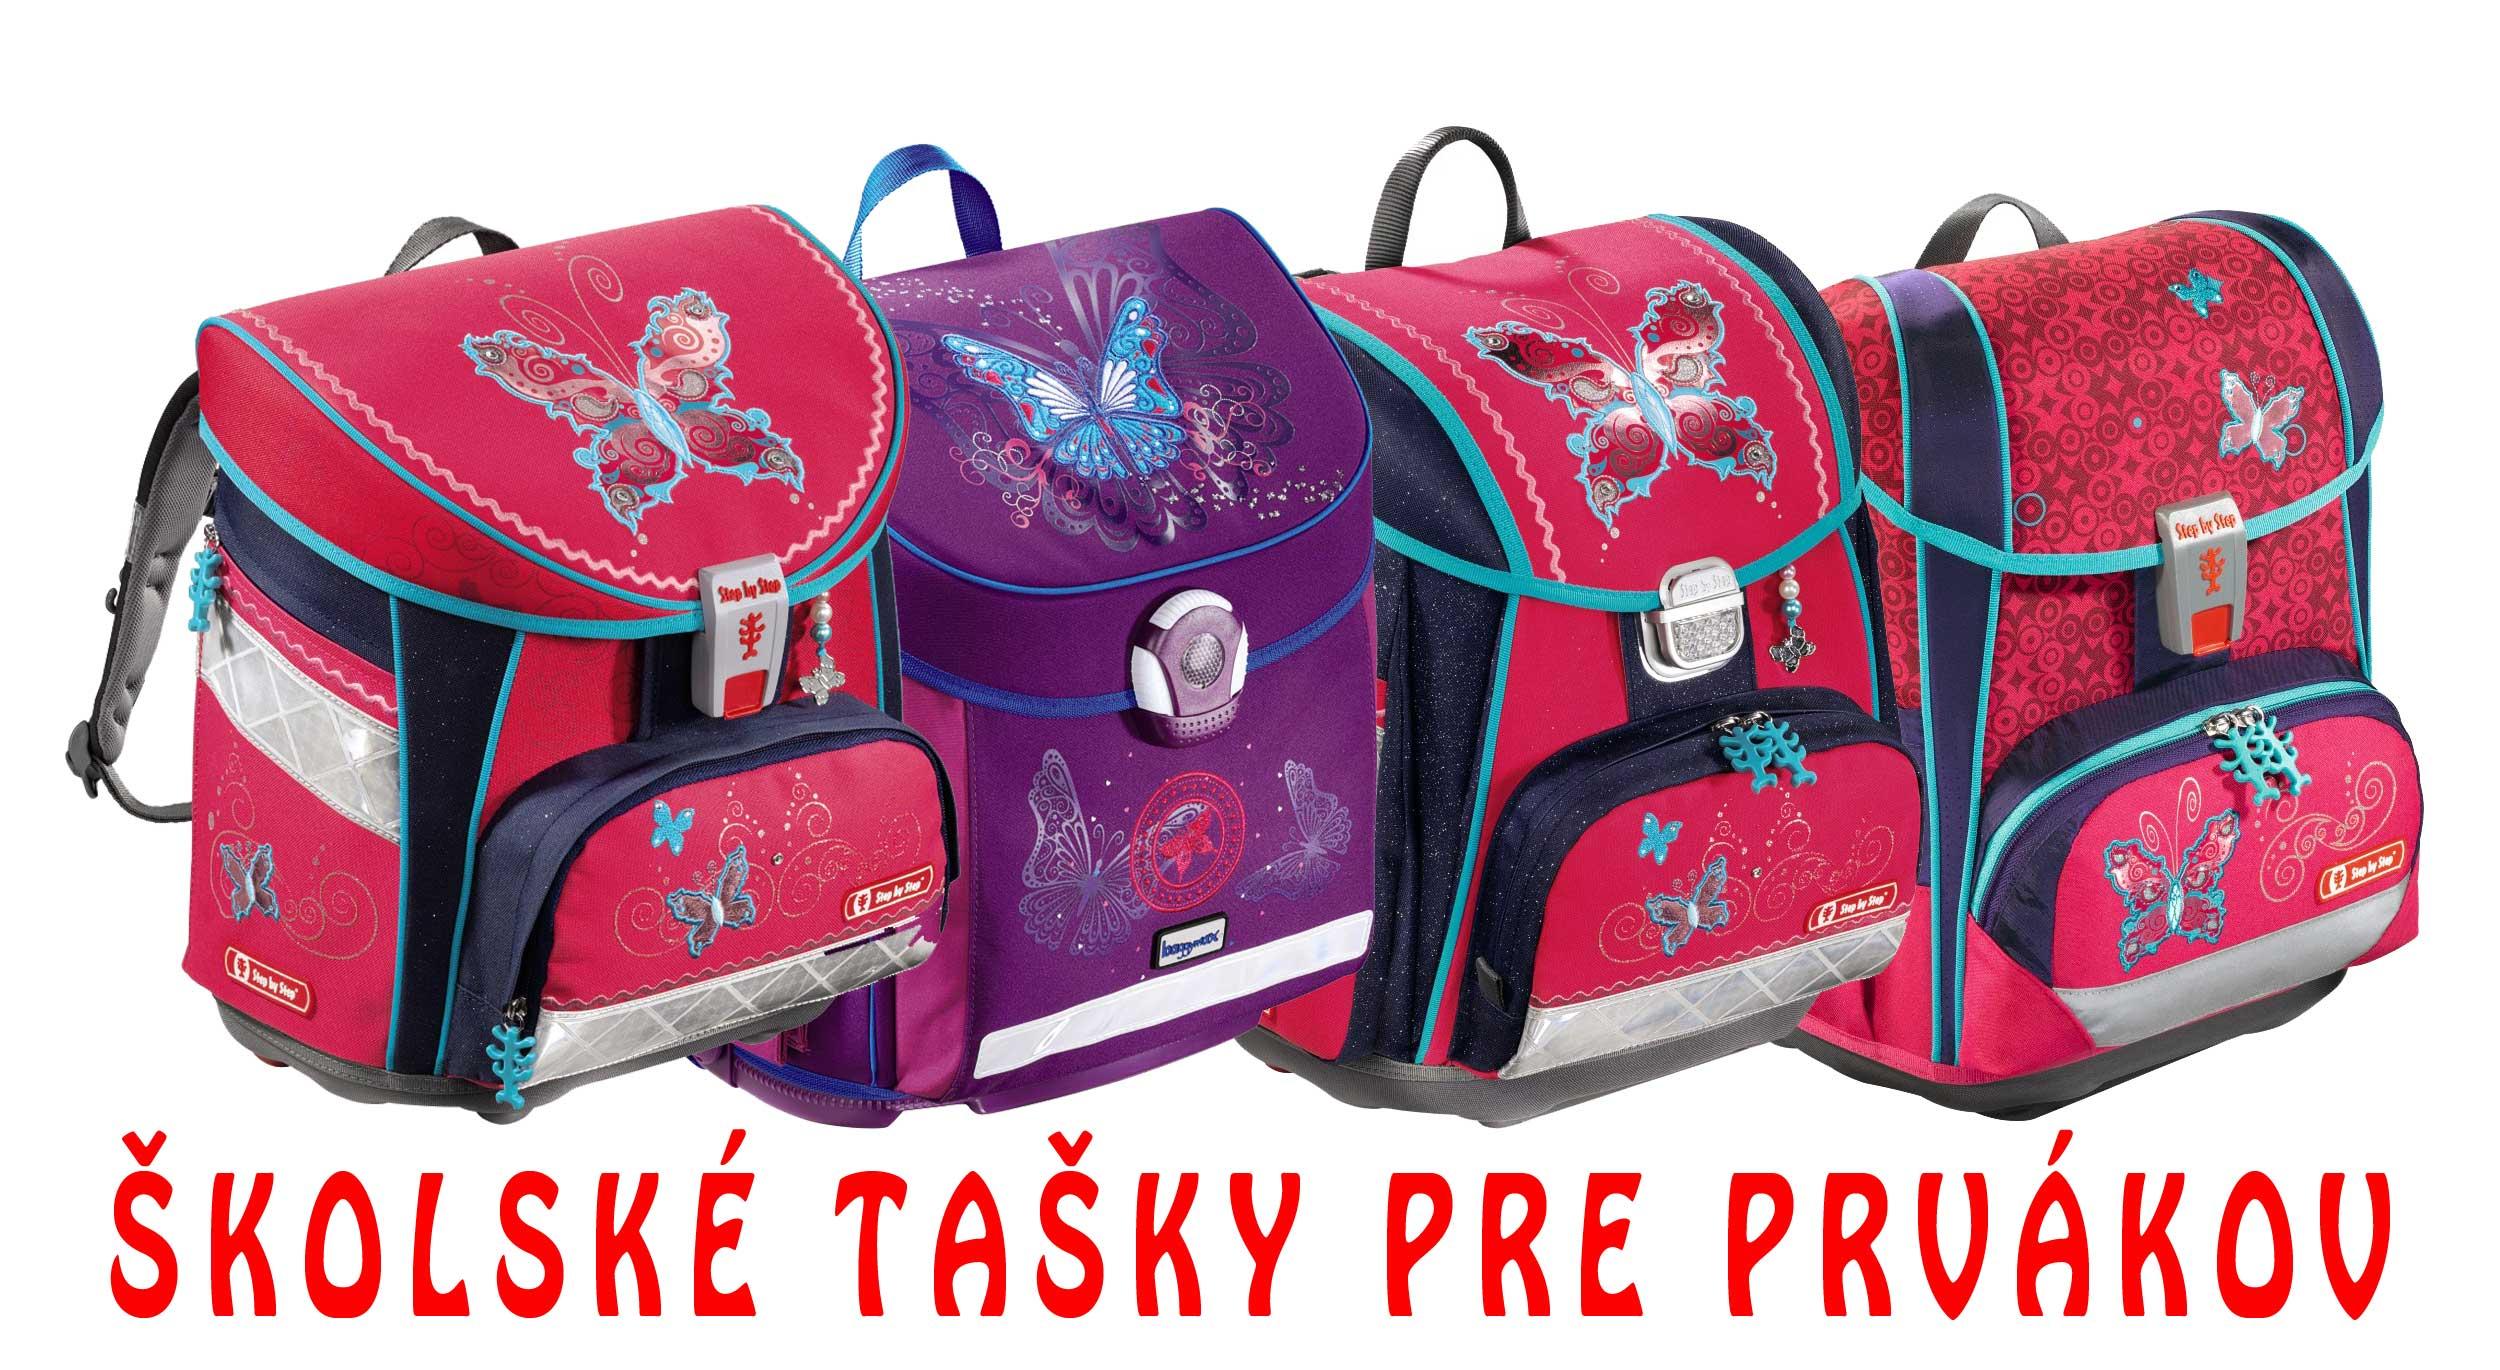 677a2bb92f Školské tašky pre prvákov HAMA